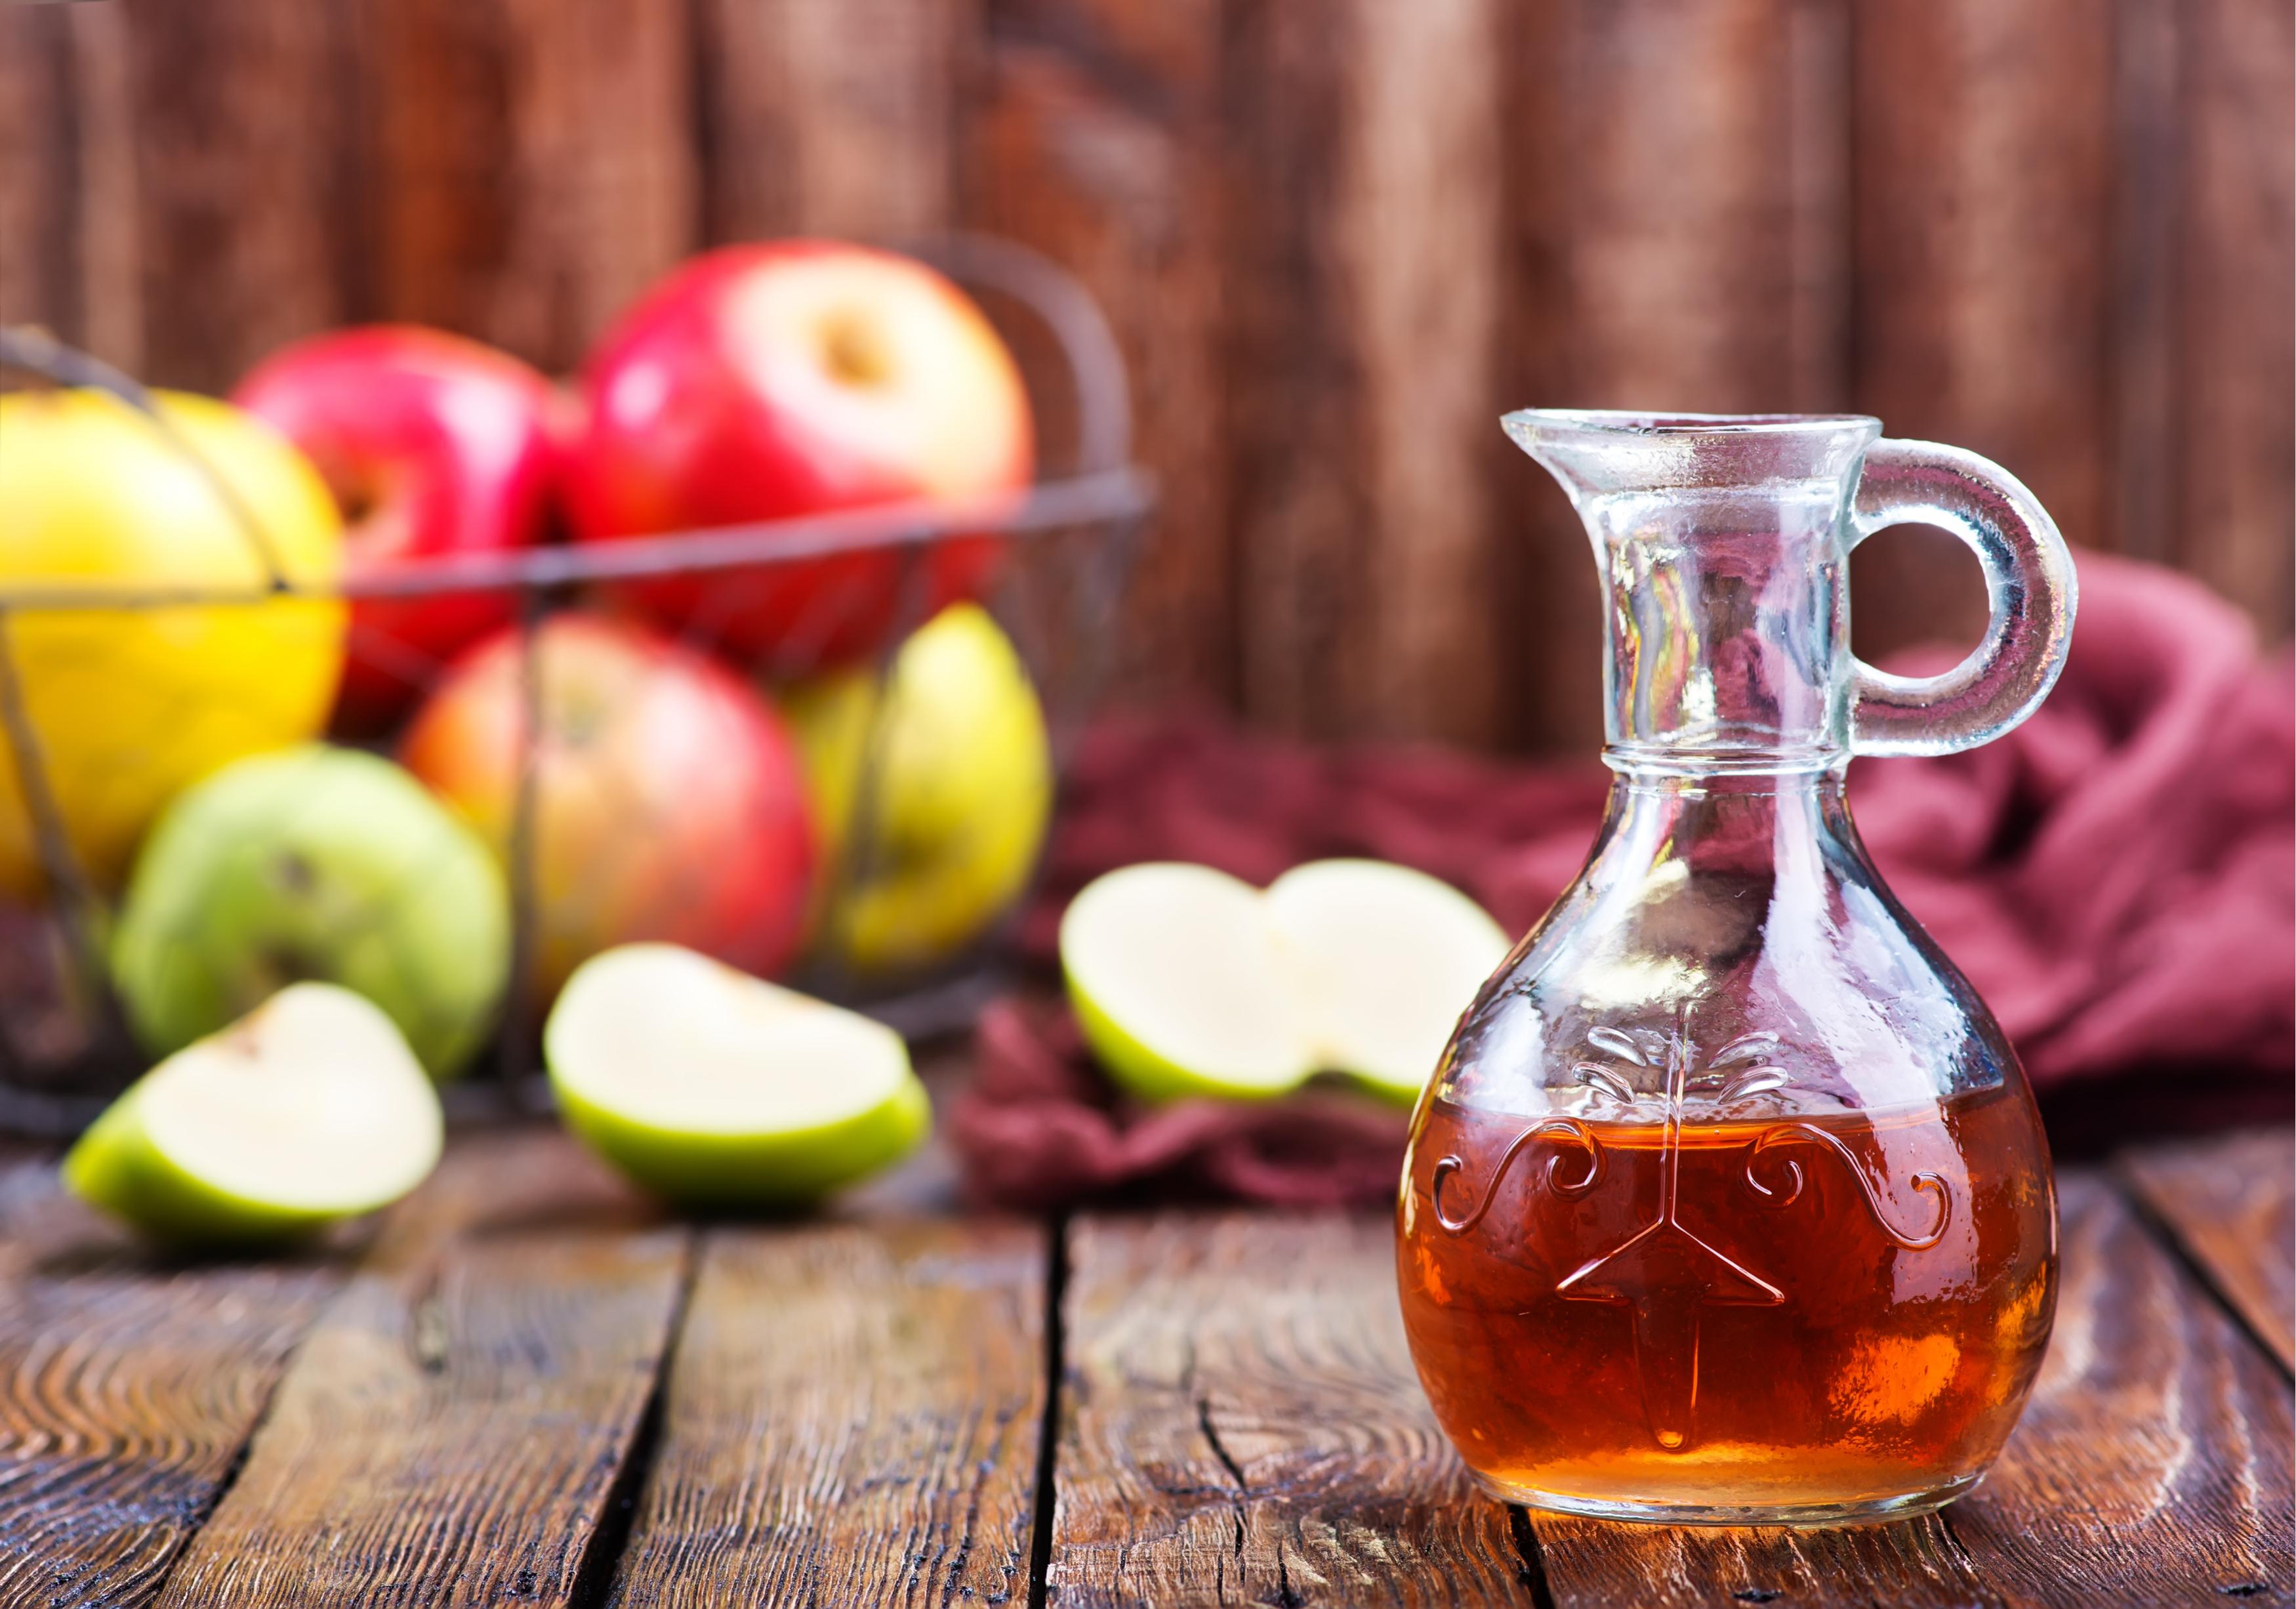 Aceto di mele: cosa dicono gli esperti sulla sua efficacia?